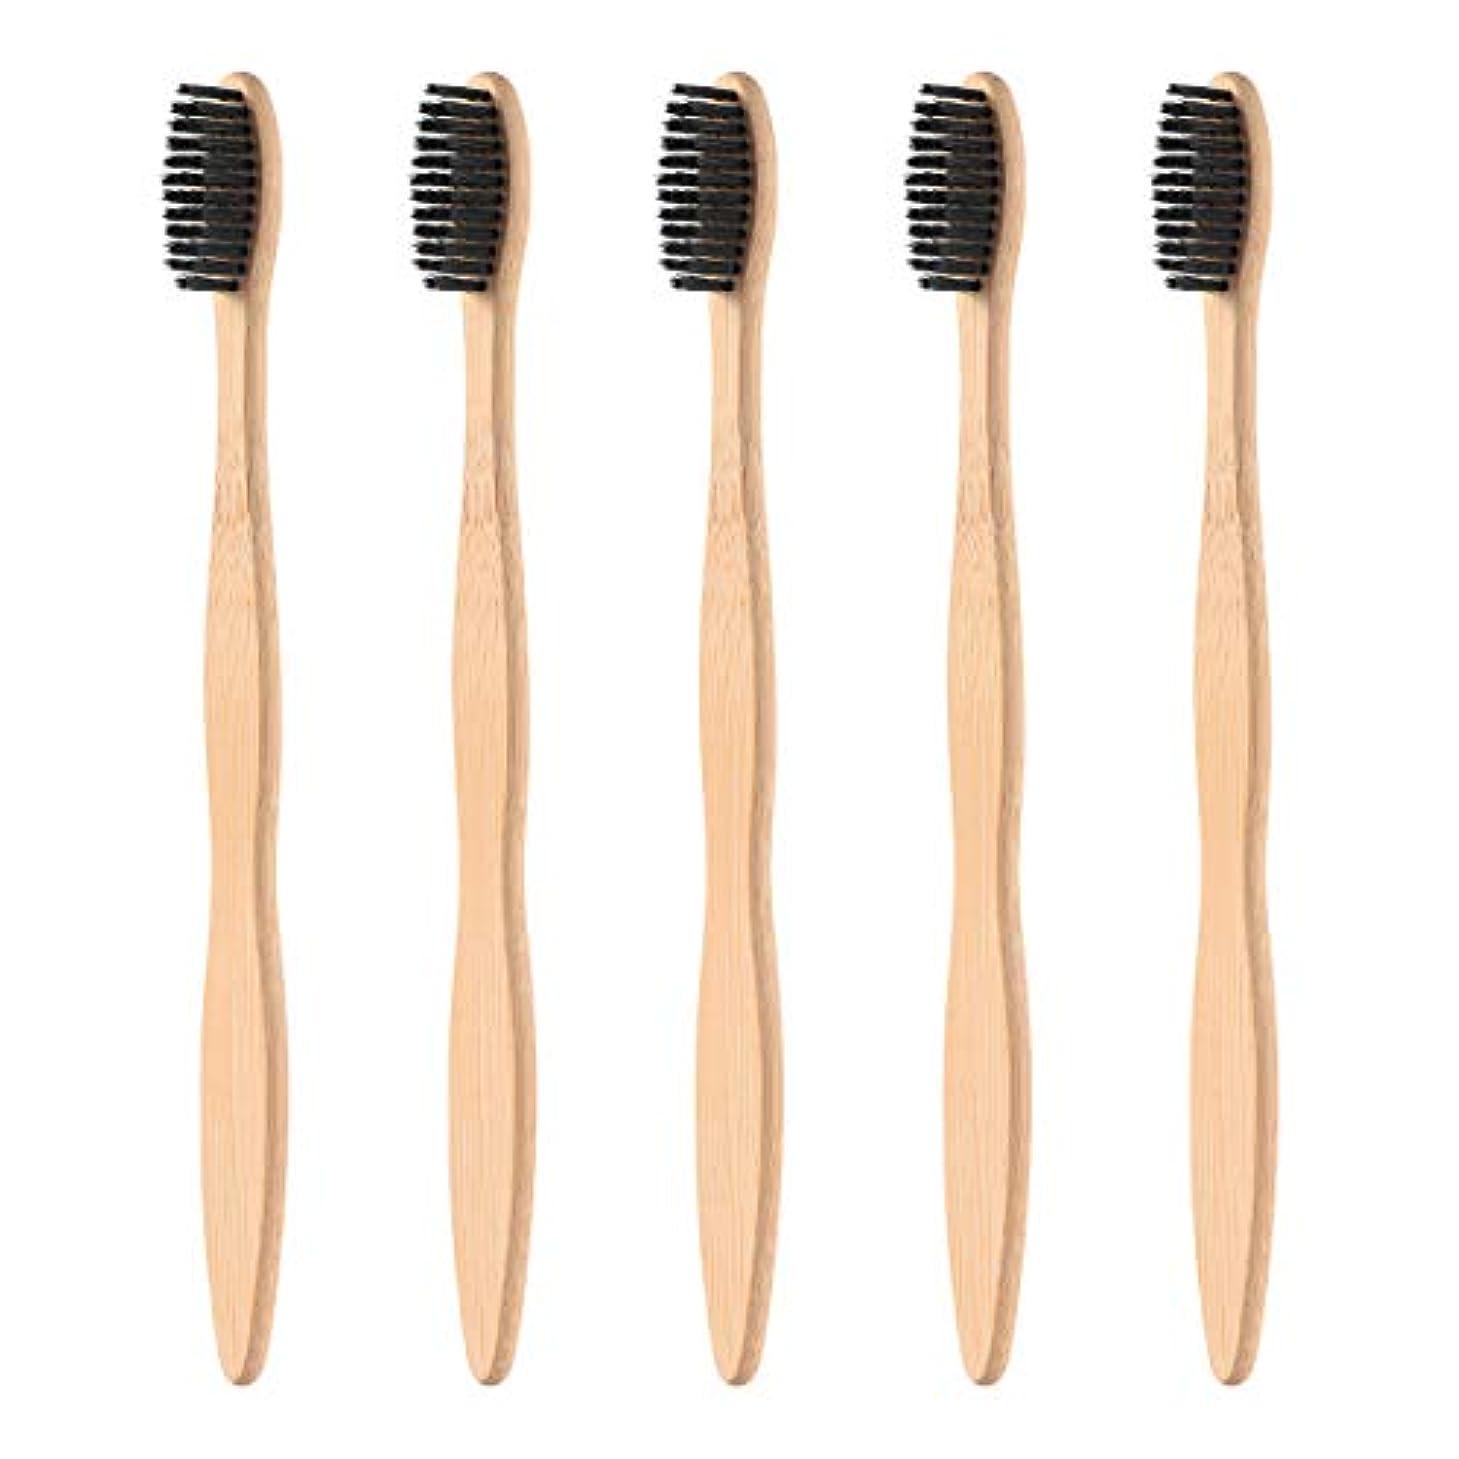 民兵仲介者半島Healifty タケ環境的に歯ブラシ5pcsは柔らかい黒い剛毛が付いている自然な木のEcoの友好的な歯ブラシを扱います